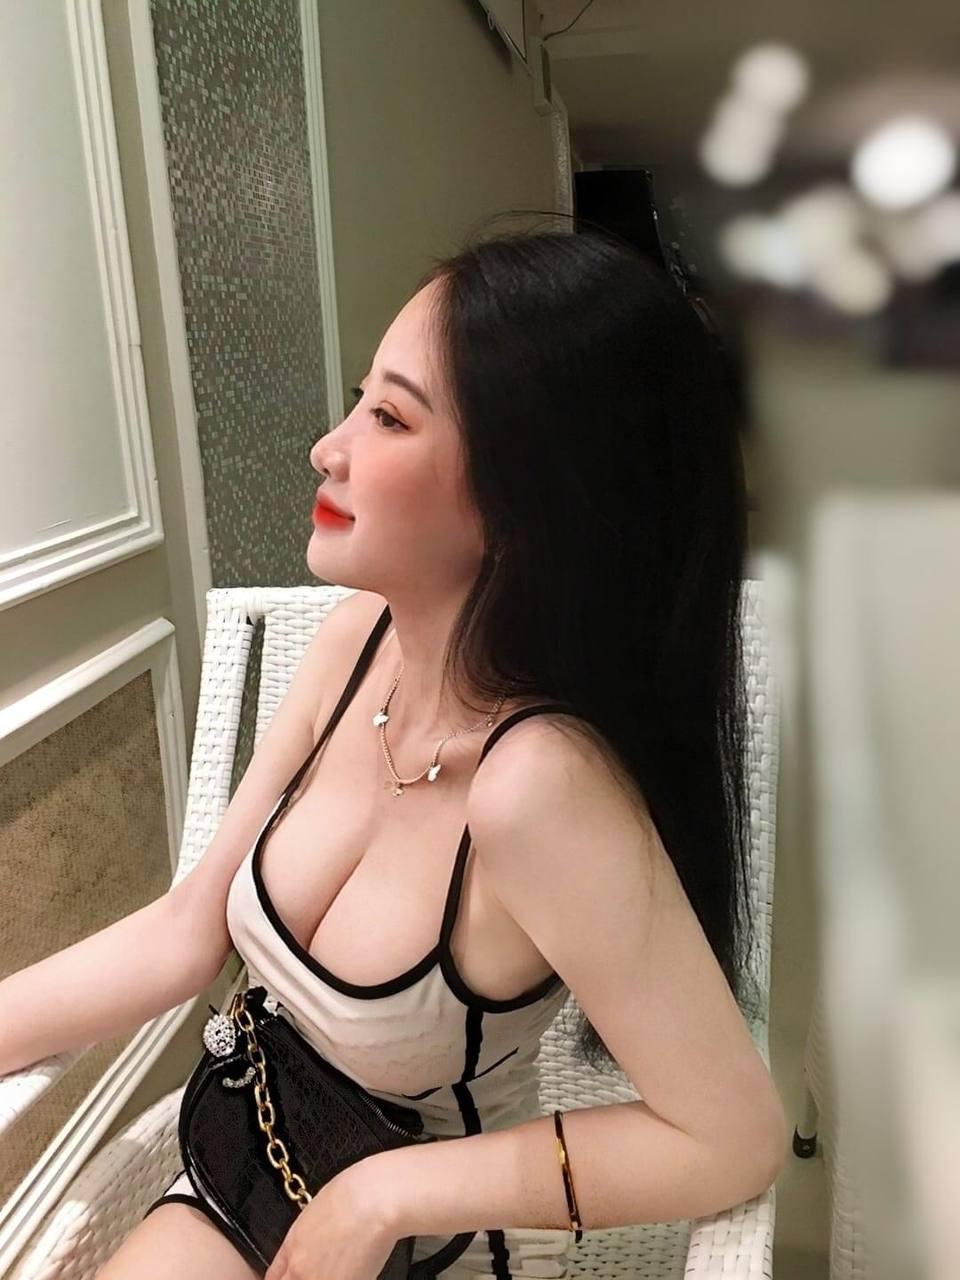 Ảnh gái xinh cute, Gái xinh cute 2020, Gái xinh cute ngực bự nóng bỏng, Ảnh gái xinh 18 cute, Ảnh gái xinh sexy vú to, Gái xinh Việt Nam sexy, Gái xinh bikini sexy, Ngắm gái xinh bikini sexy, Gái xinh 18 khỏa thân sexy, Gái xinh miền Tây sexy, Ngắm gái xinh 18 sexy, Gái xinh 18 Việt Nam khỏa thân sexy, Bikini sexy, Gái xinh sexy nóng bỏng, Ngắm gái xinh Bikini sexy háng rộng, Ảnh gái Việt xinh sexy, Ảnh gái Việt sexy núm vú hồng, Ảnh gái xinh sexy ngực bự vú to, Ảnh nóng sexy gái Việt xinh, Ảnh gái xinh 18 Việt Nam sexy bướm múp, Ảnh gái xinh 18 Việt Nam sexy bướm múp lọt khe, Ảnh gái xinh 18 Việt Nam sexy mông to bướm múp